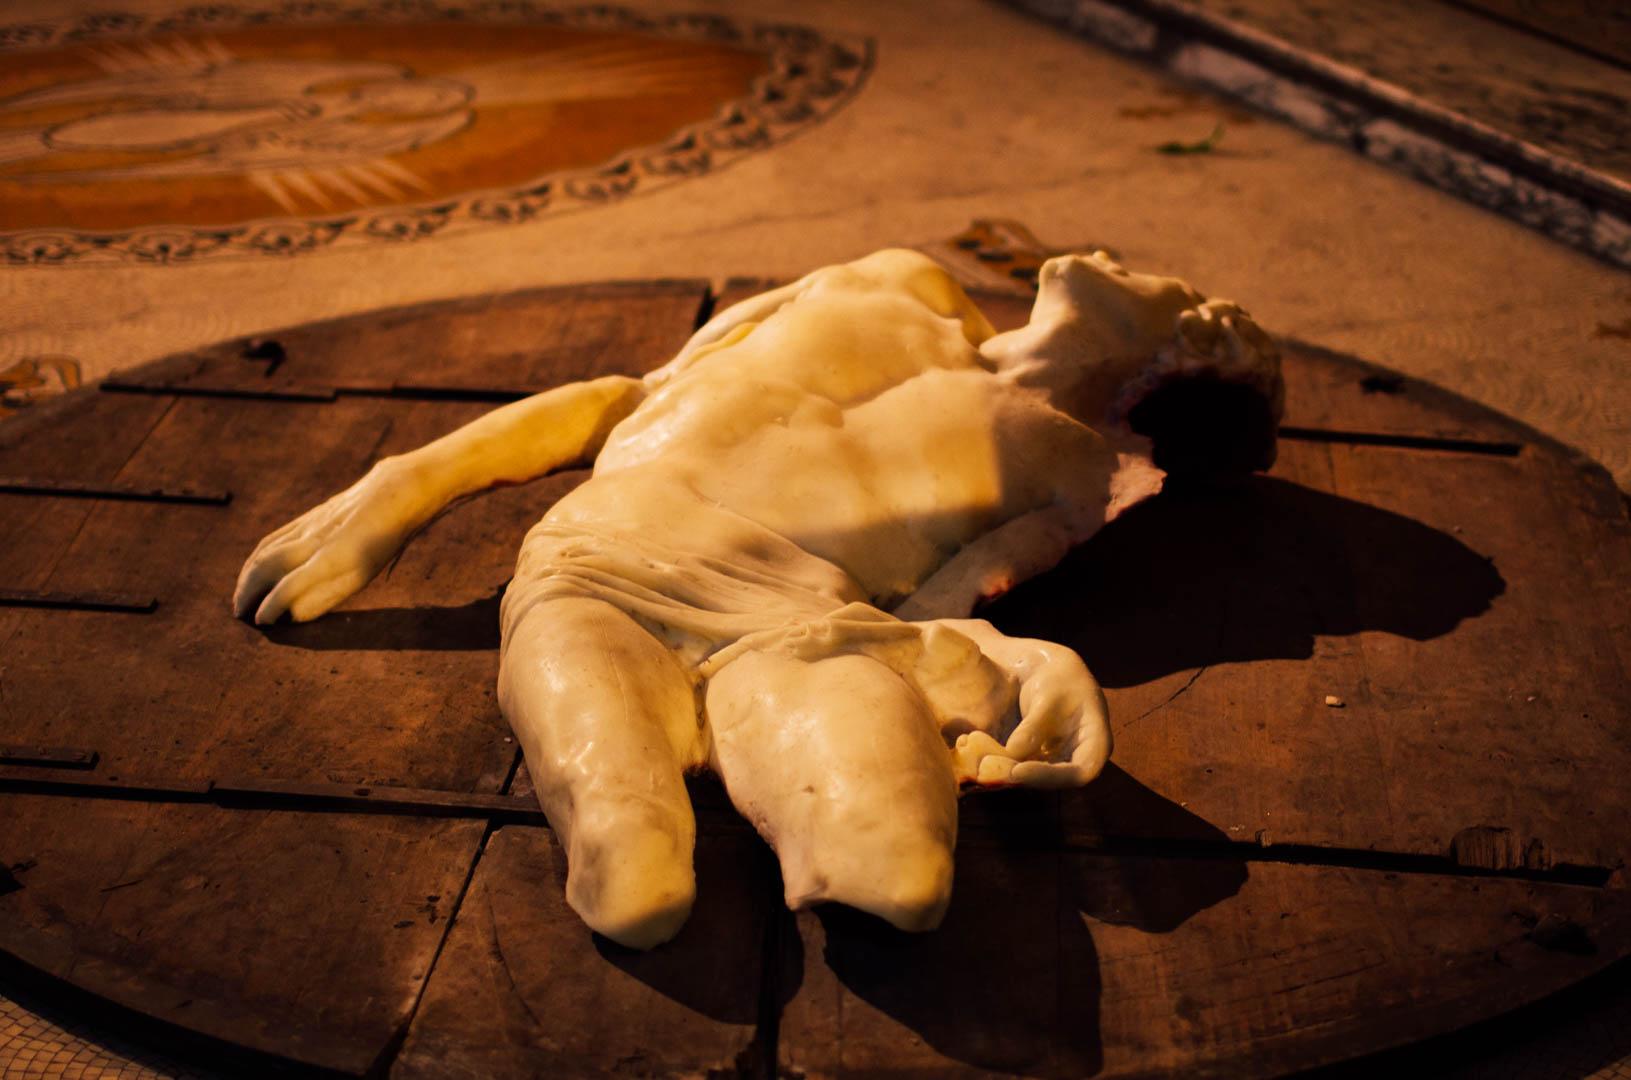 pieta gasperini oeuvre art cathedrale notre dame de la treille lille 83